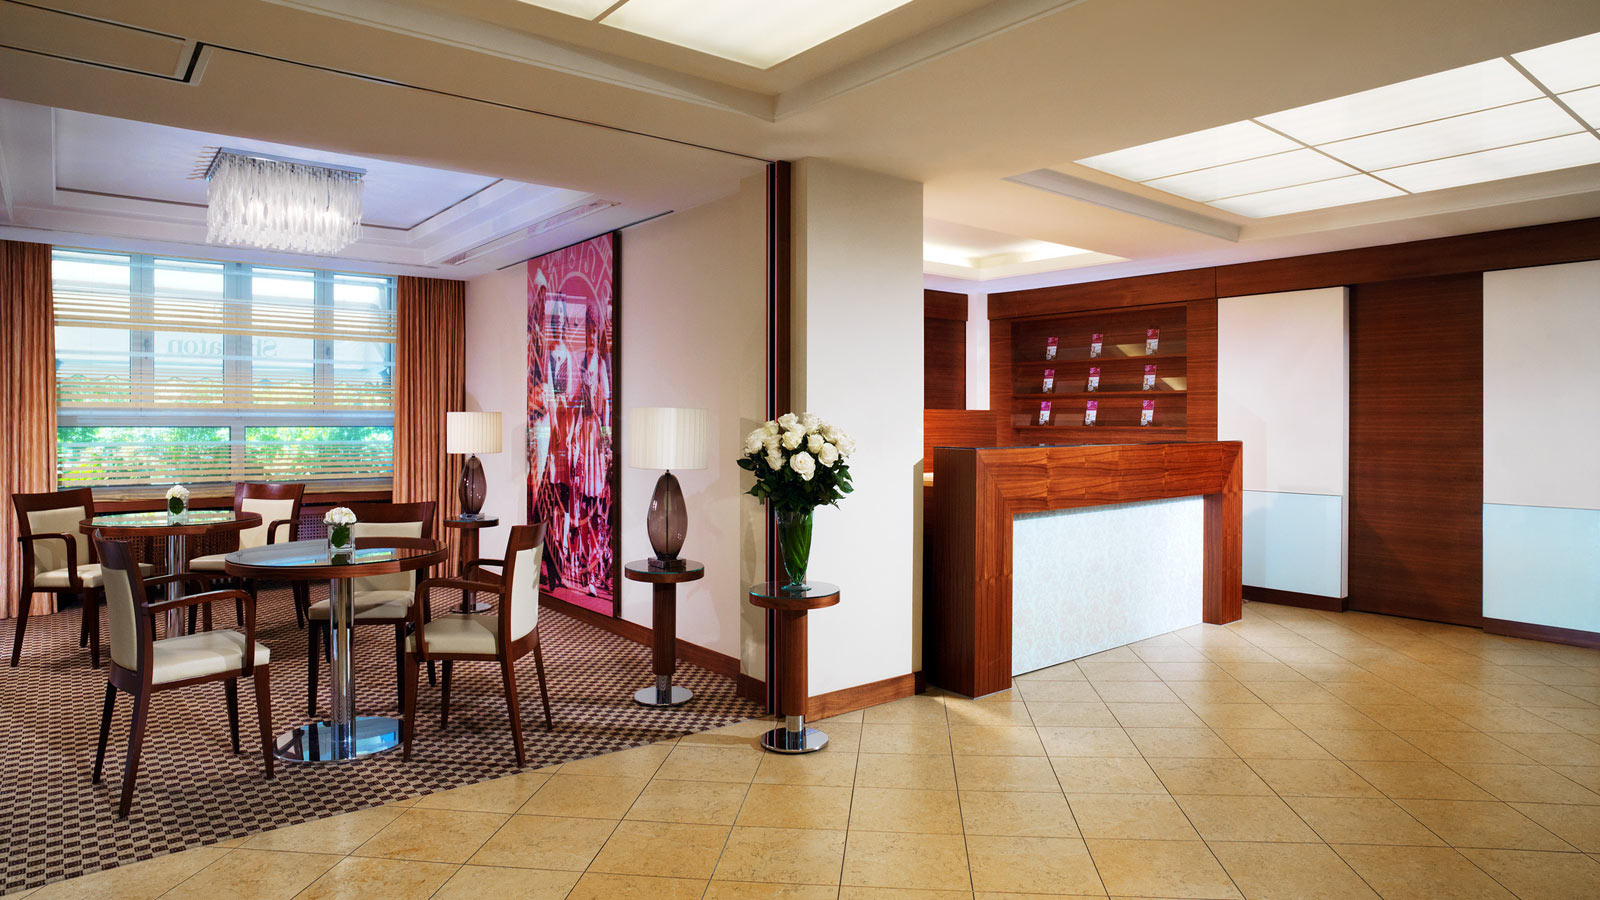 Sheraton-Zrich-Neues-Schloss-Hotel-Front-Office